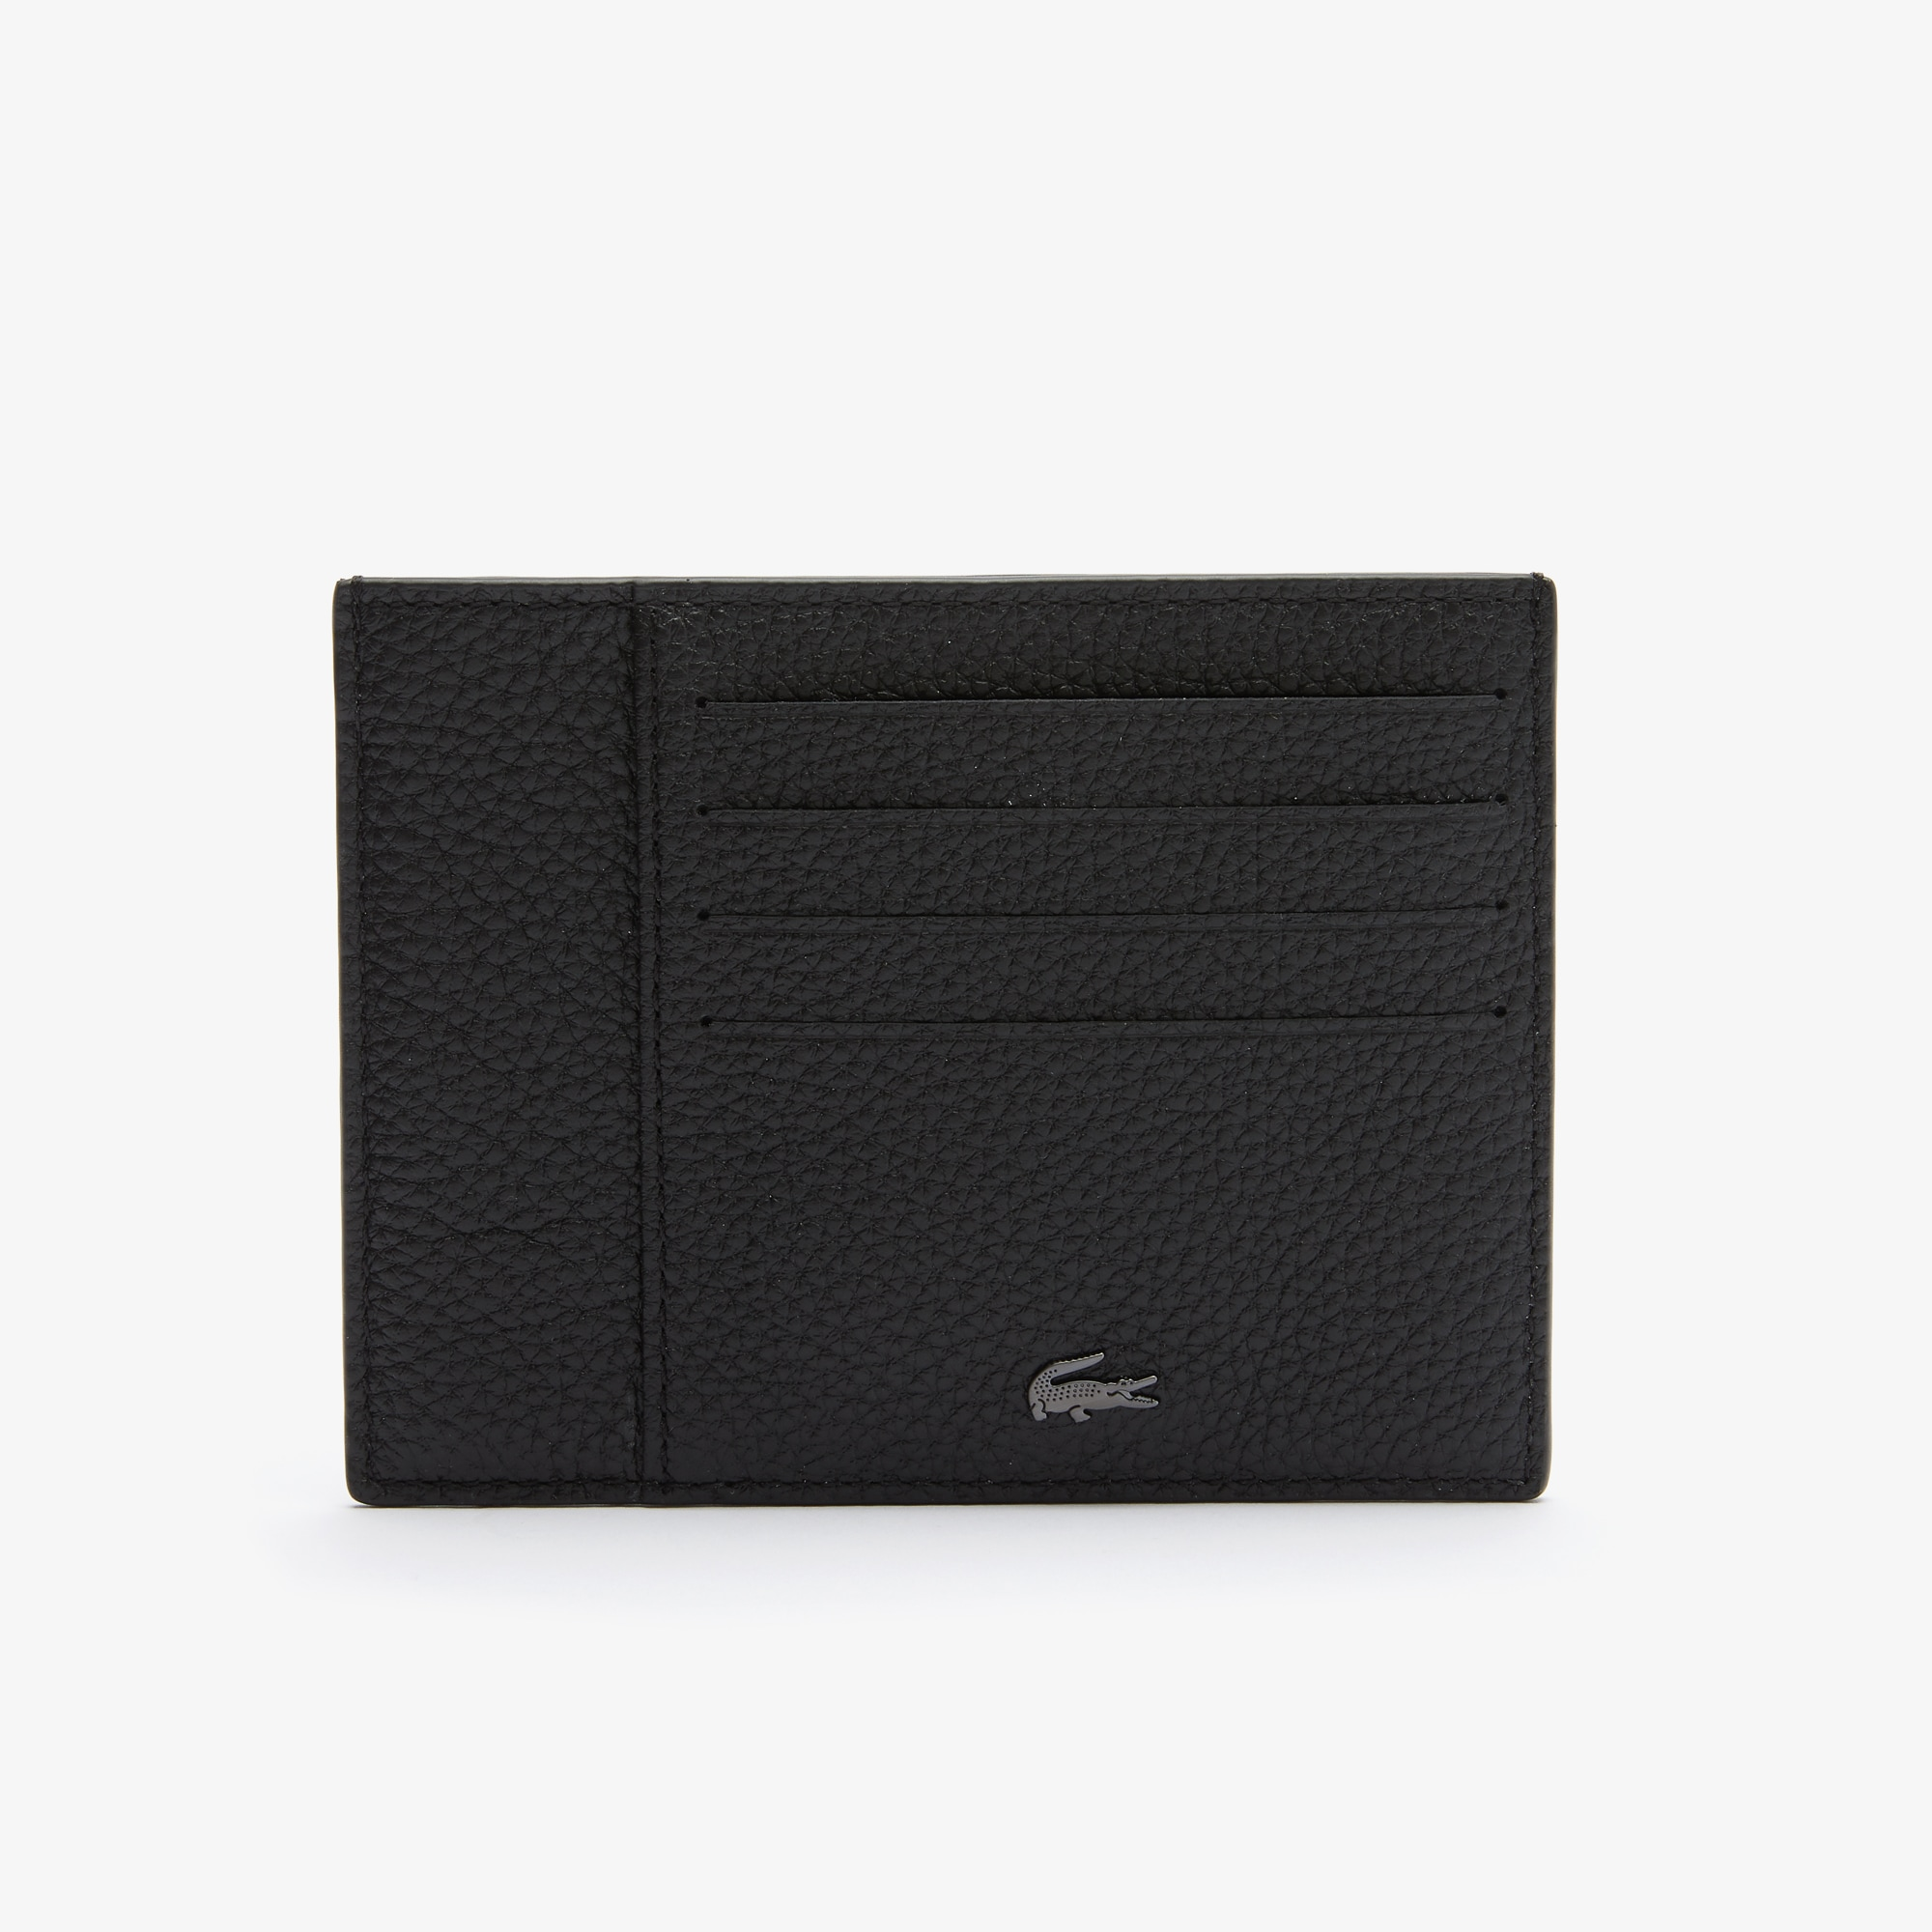 Lacoste Porte-cartes Soft Mate en cuir grainé Taille Taille unique Noir